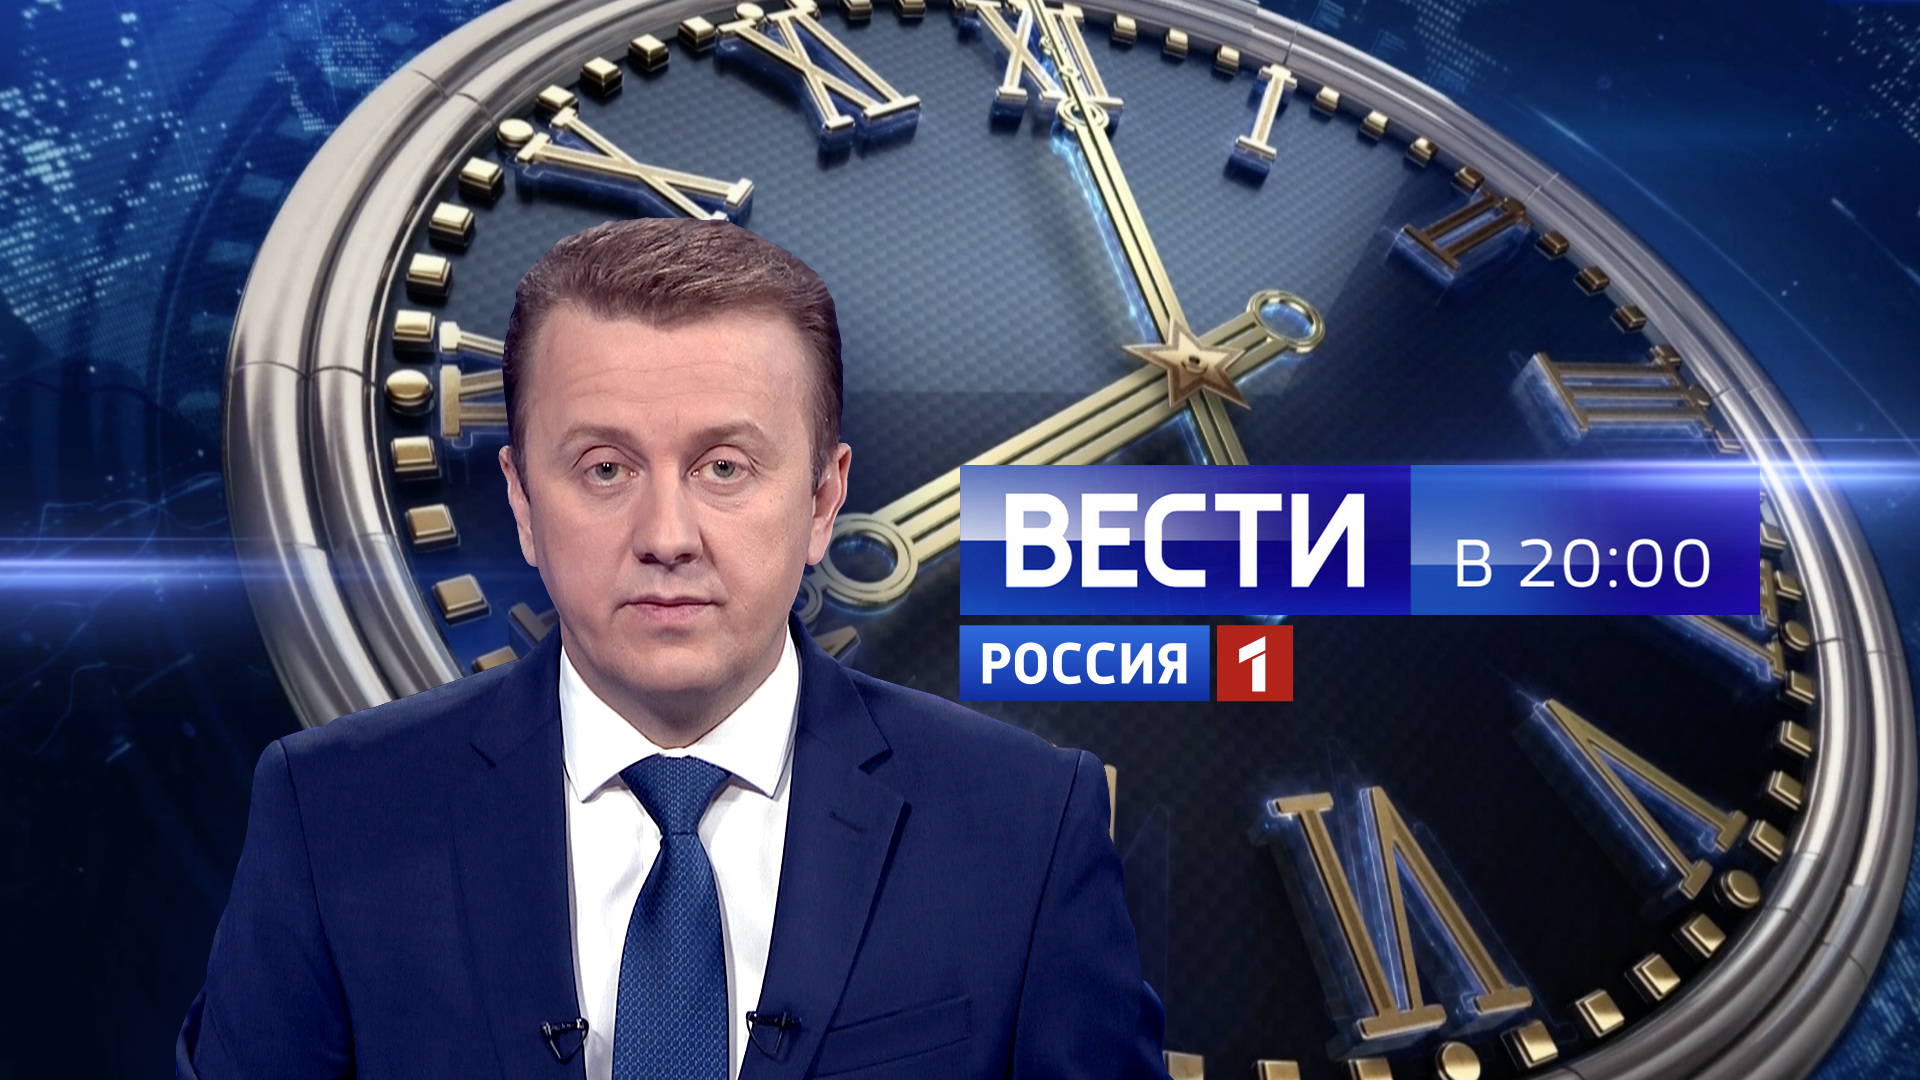 Вести в 20:00. Игорь Кожевин